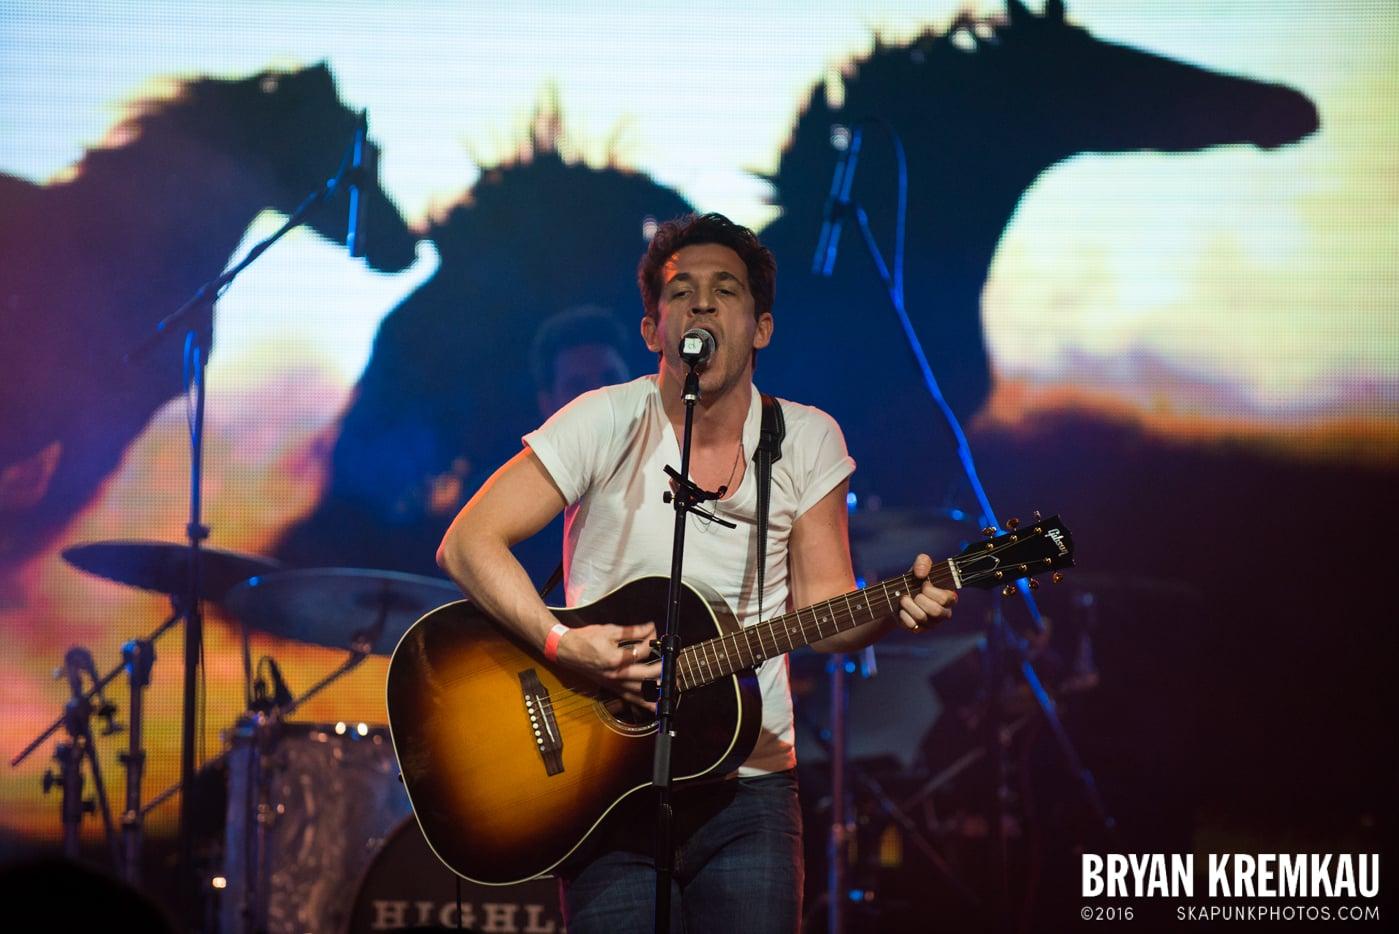 Matt Butler @ Highline Ballroom, NYC - 12.26.14 (28)